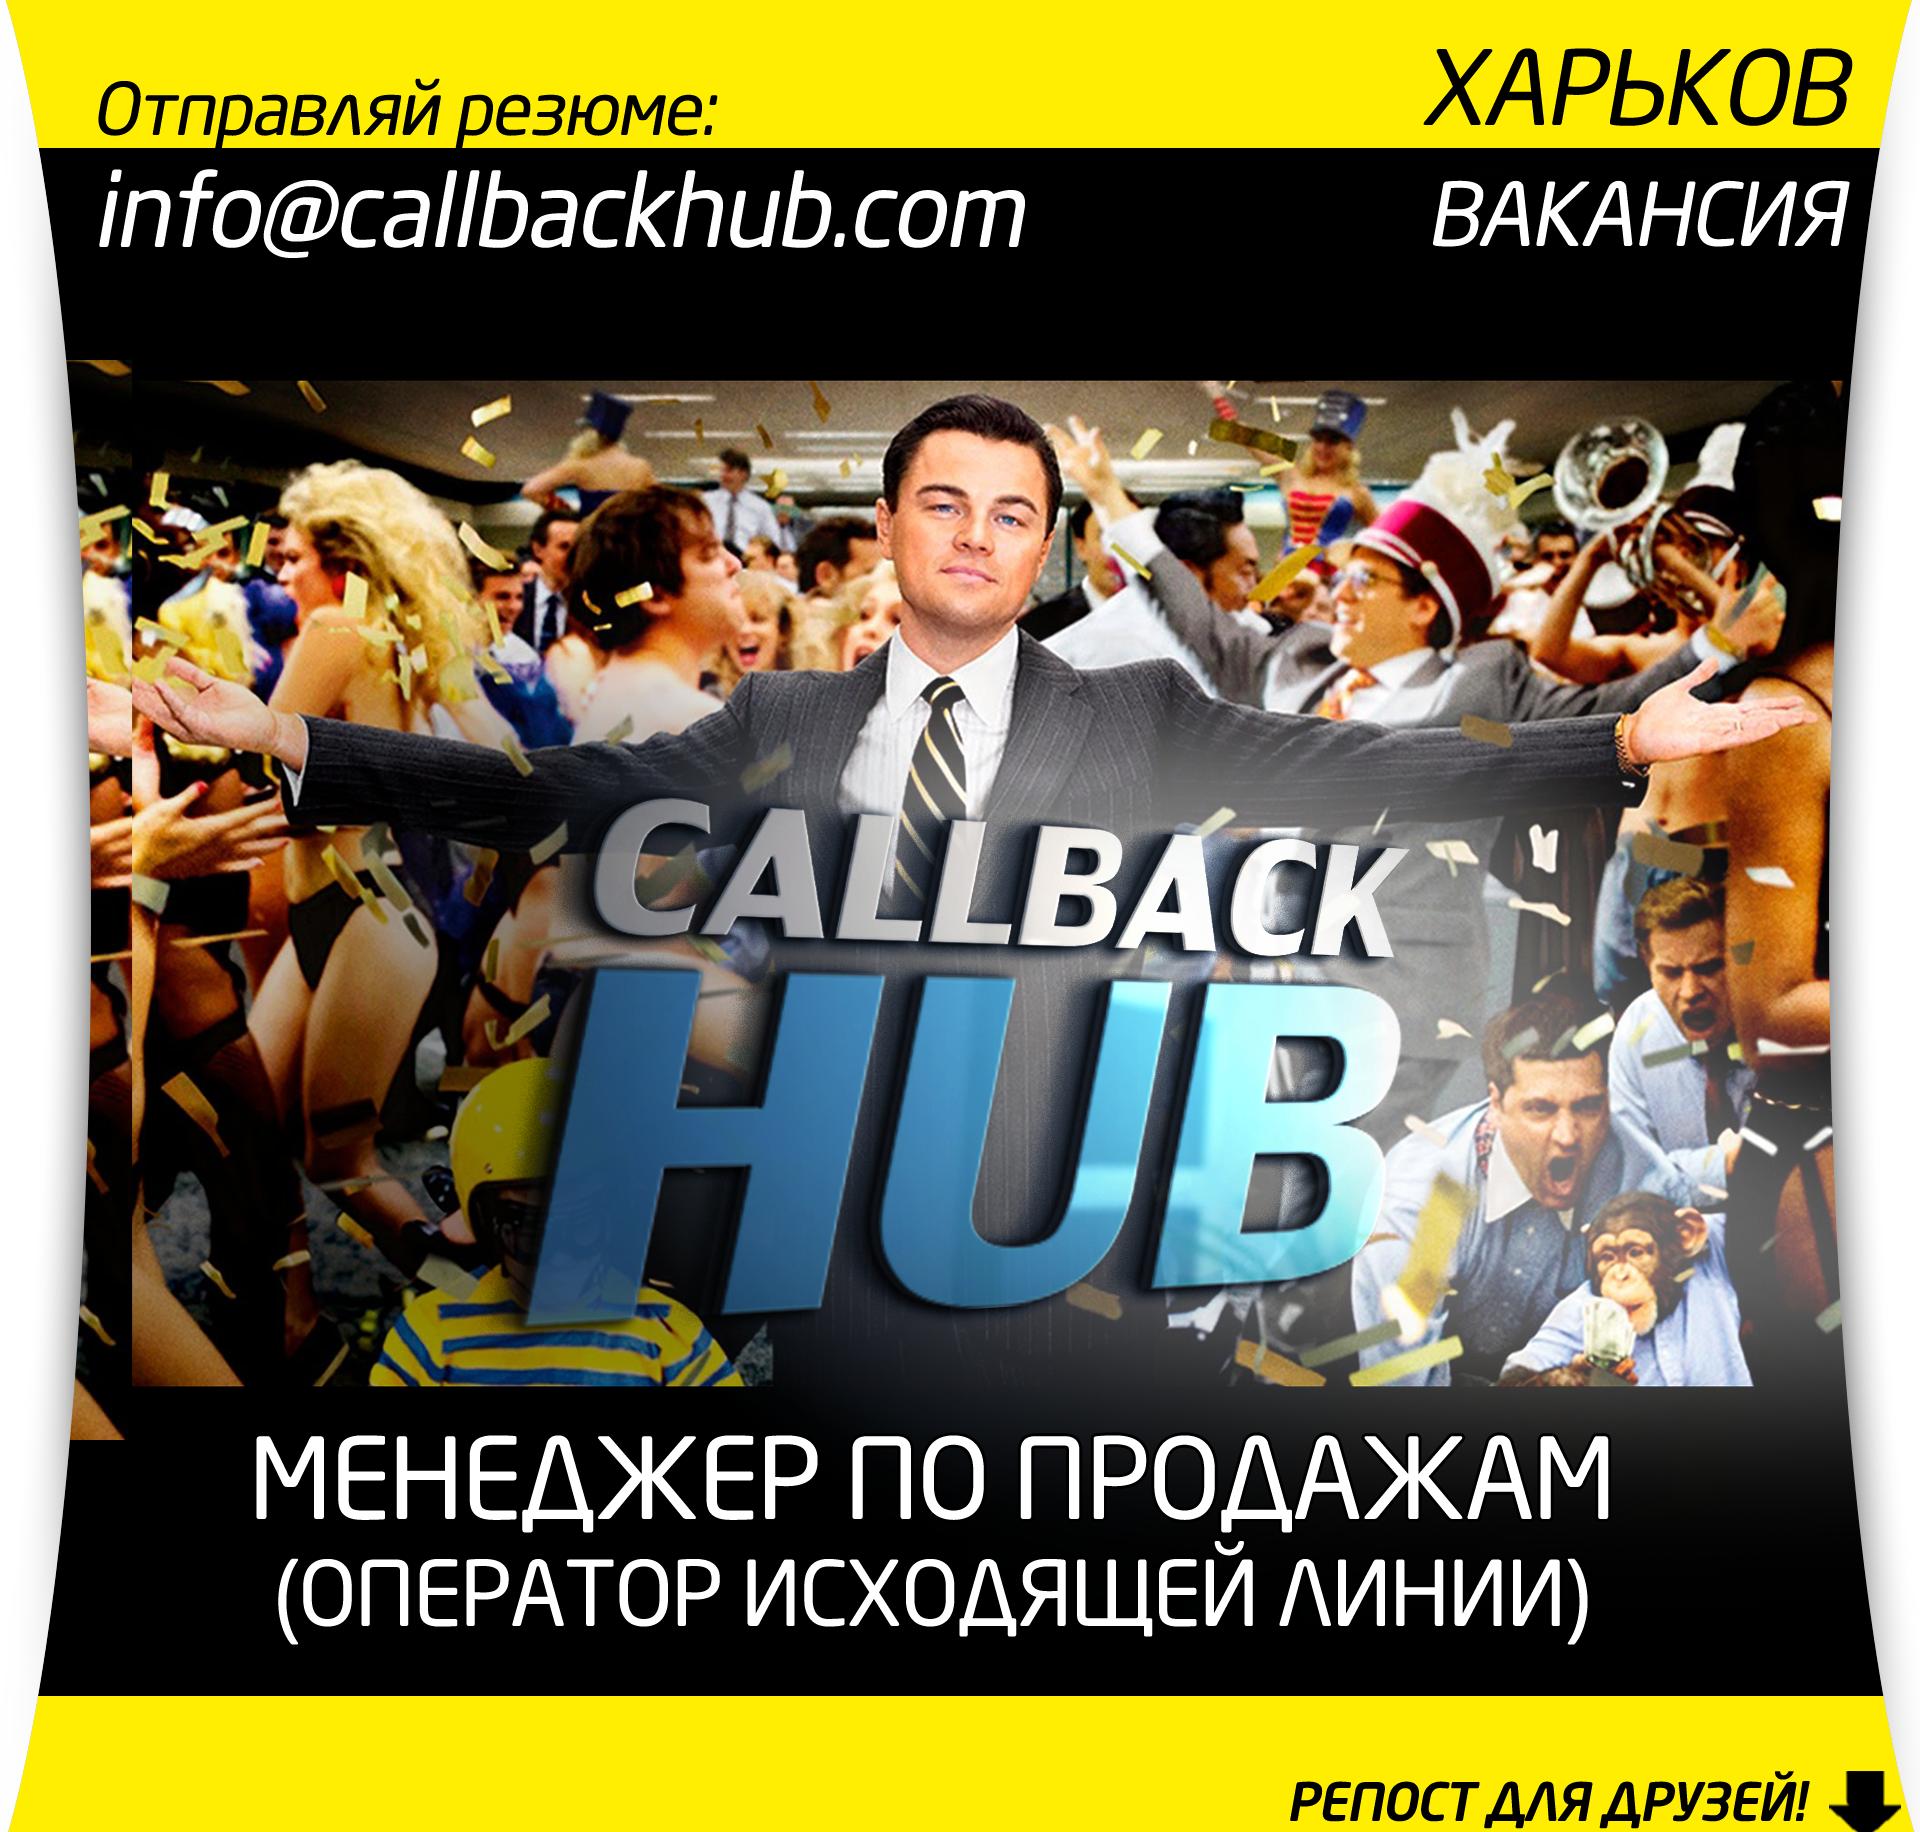 вакансия-cbh